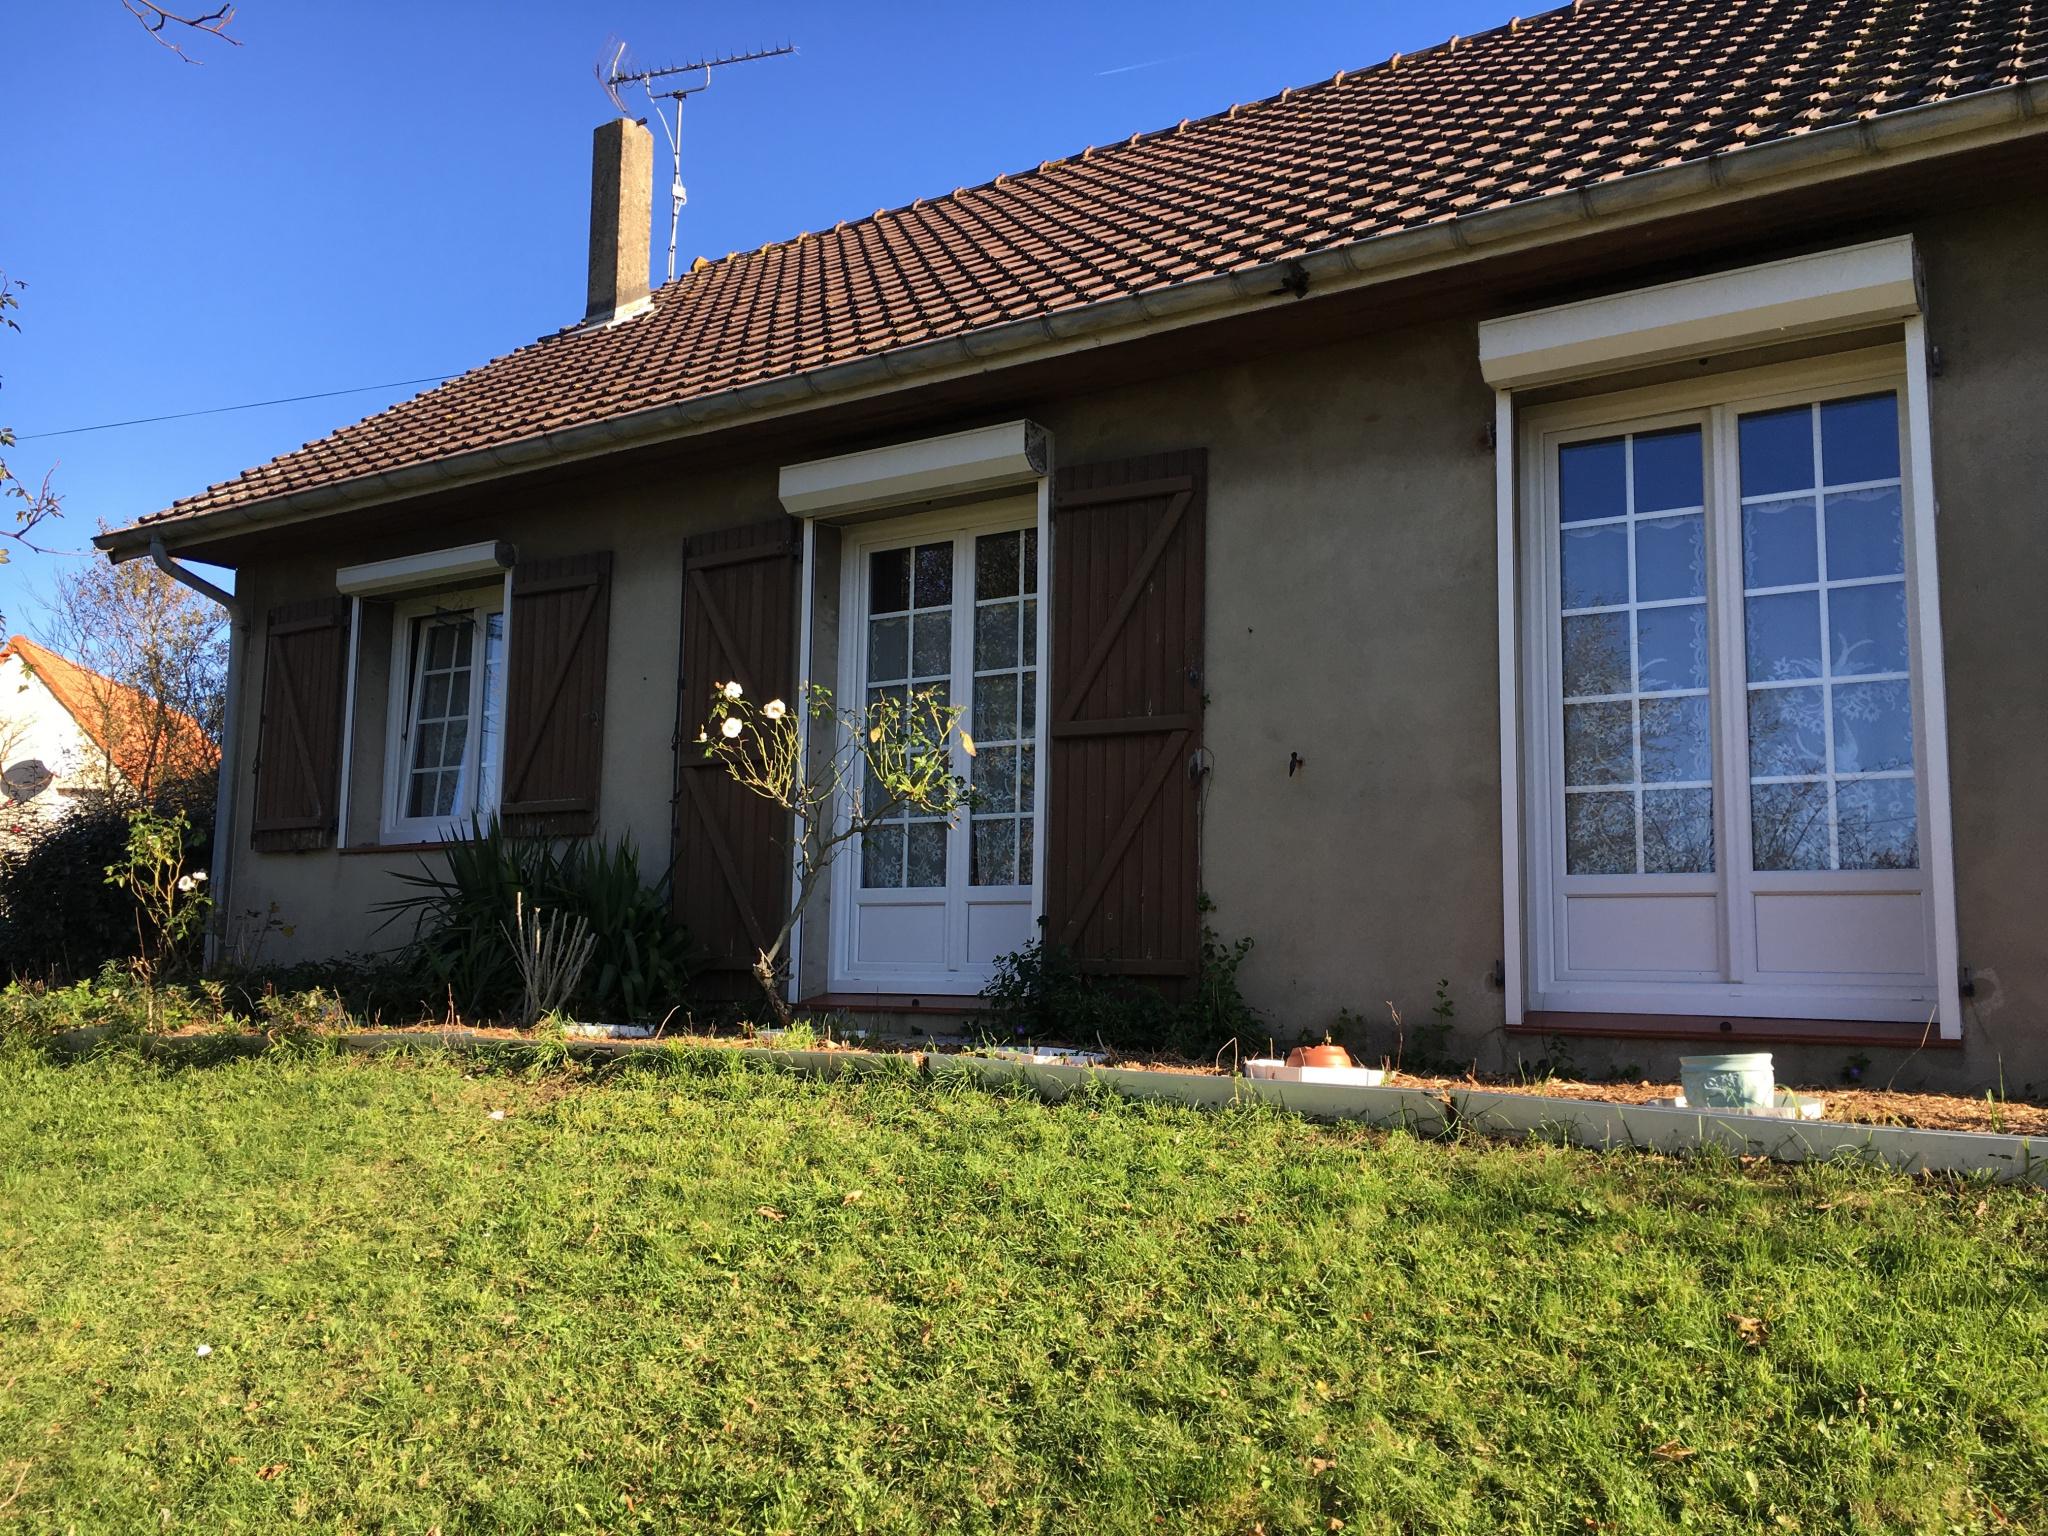 Vente maison individuelle et loi carrez for Loi agrandissement maison